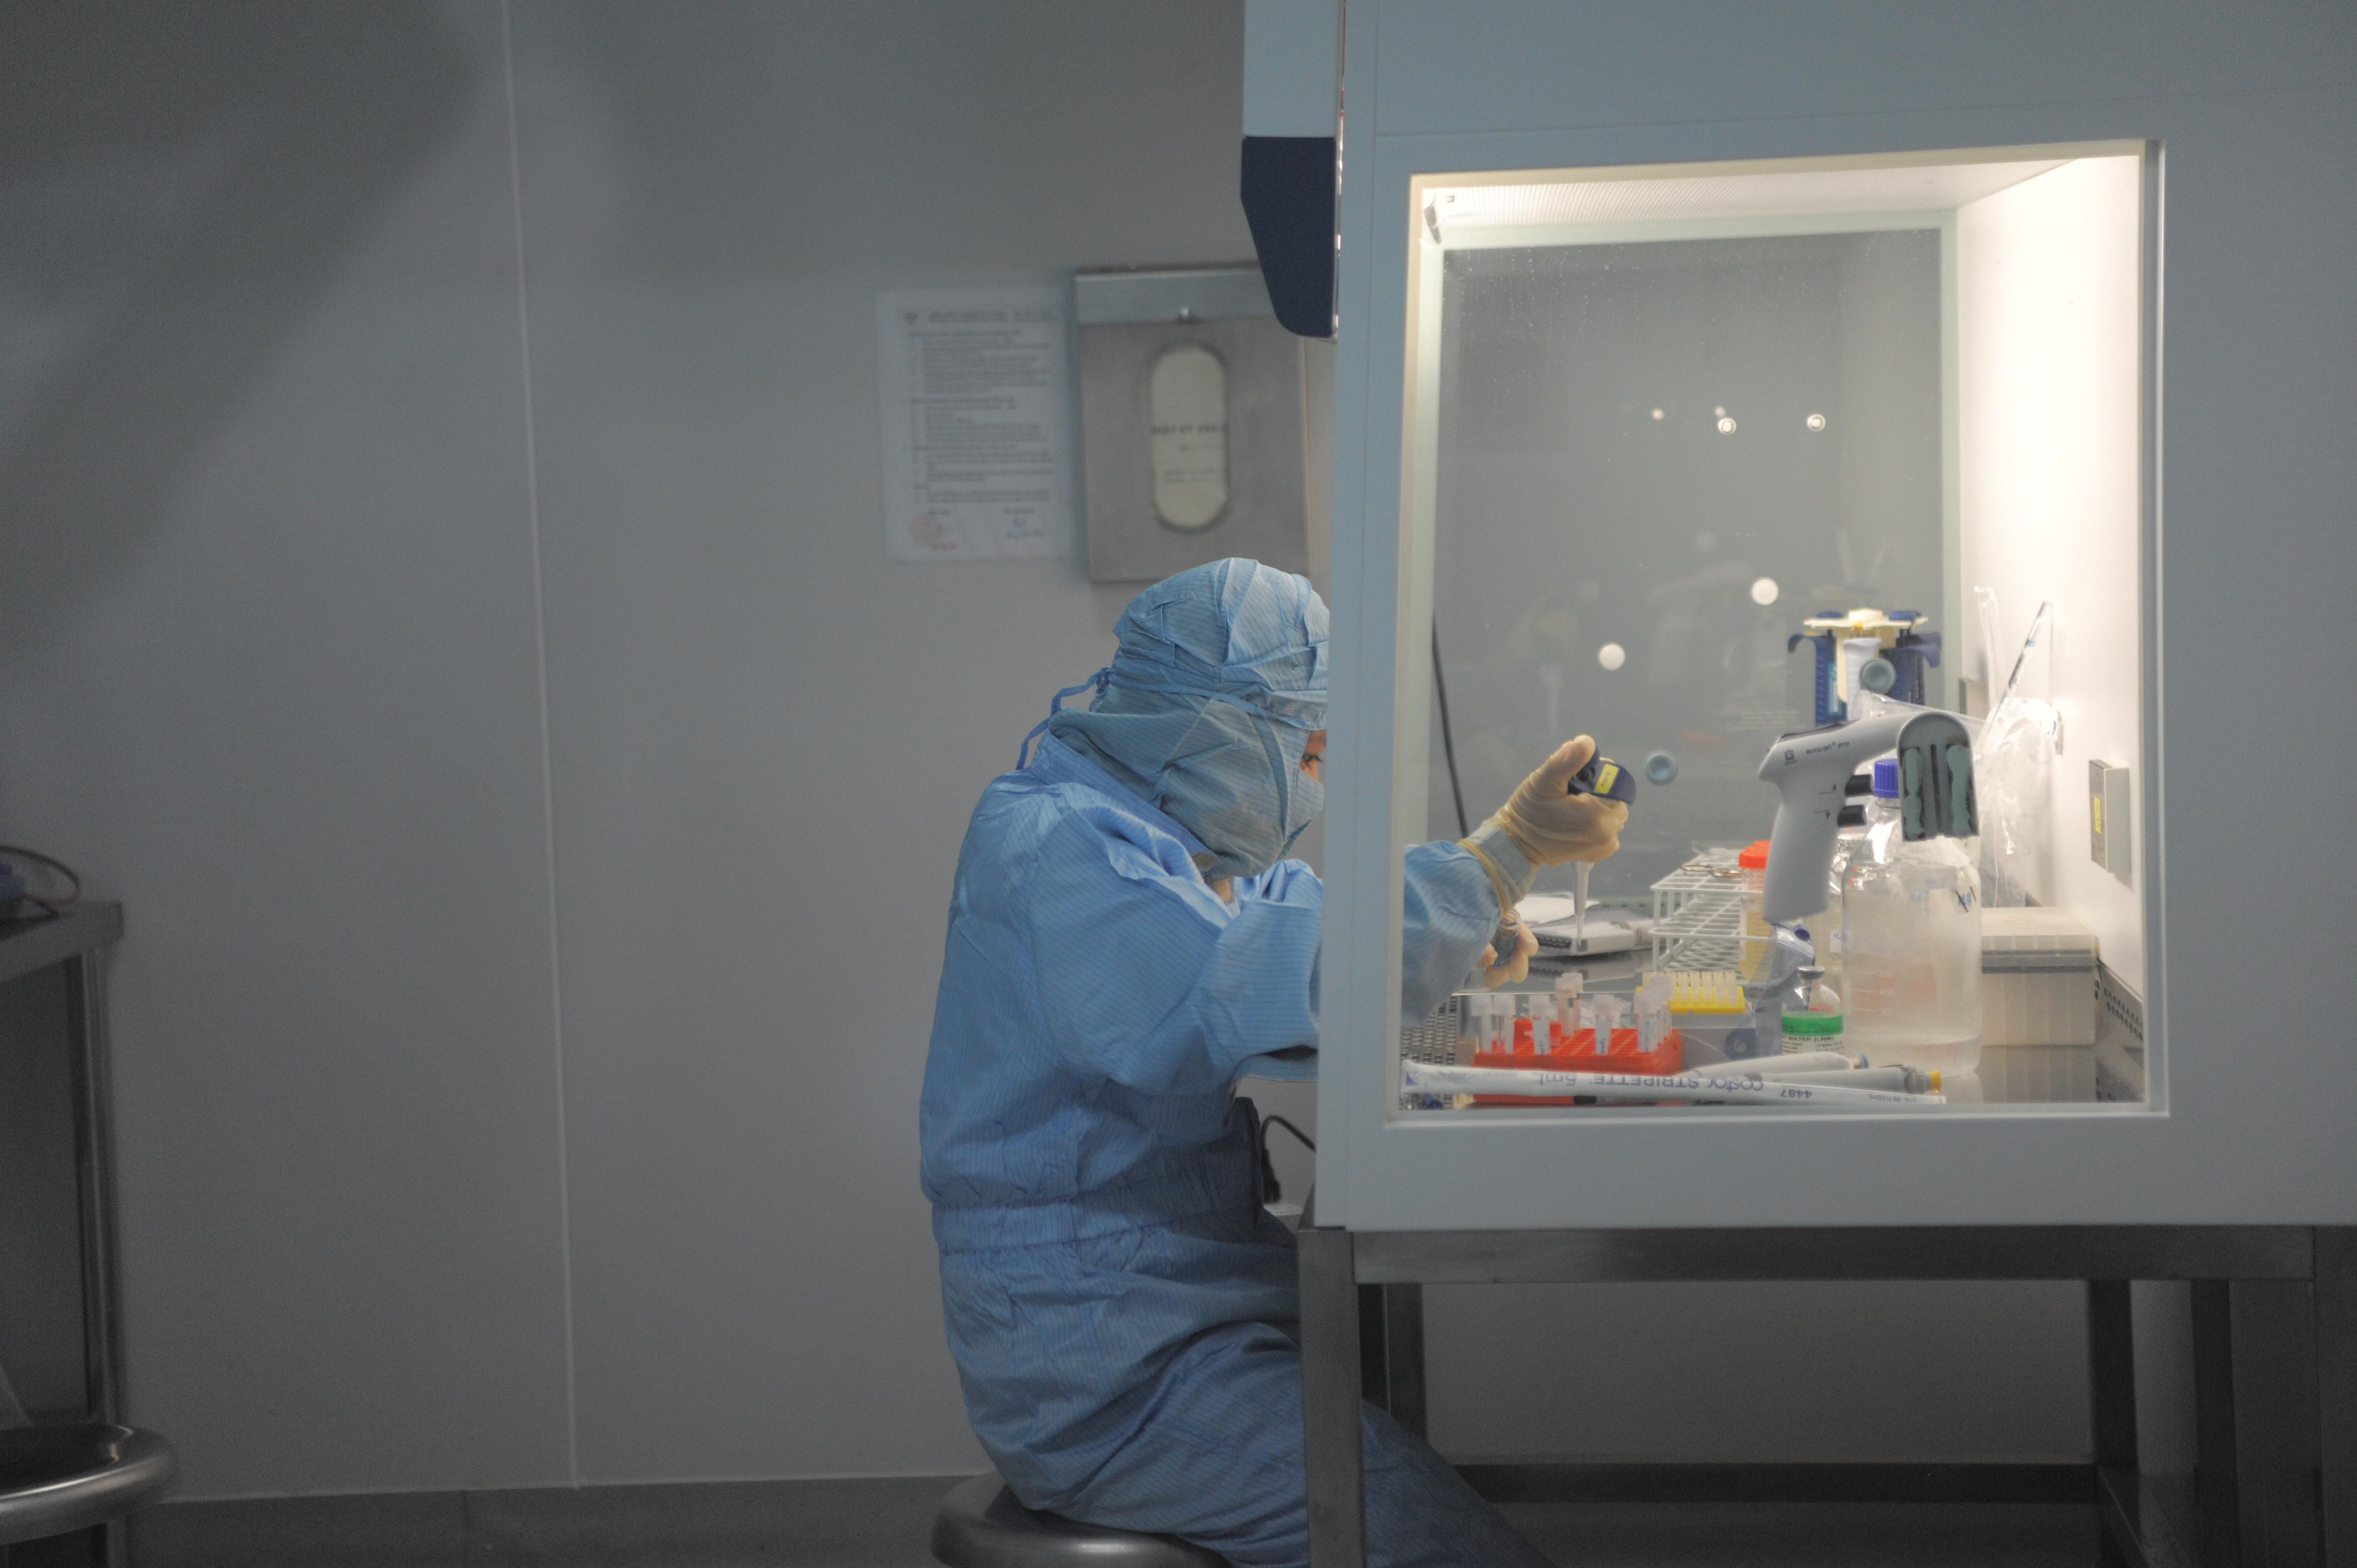 Viện Vắc xin và Sinh phẩm Y tế gửi mẫu vắc xin ngừa COVID-19 sang Mỹ thử nghiệm - Ảnh 1.